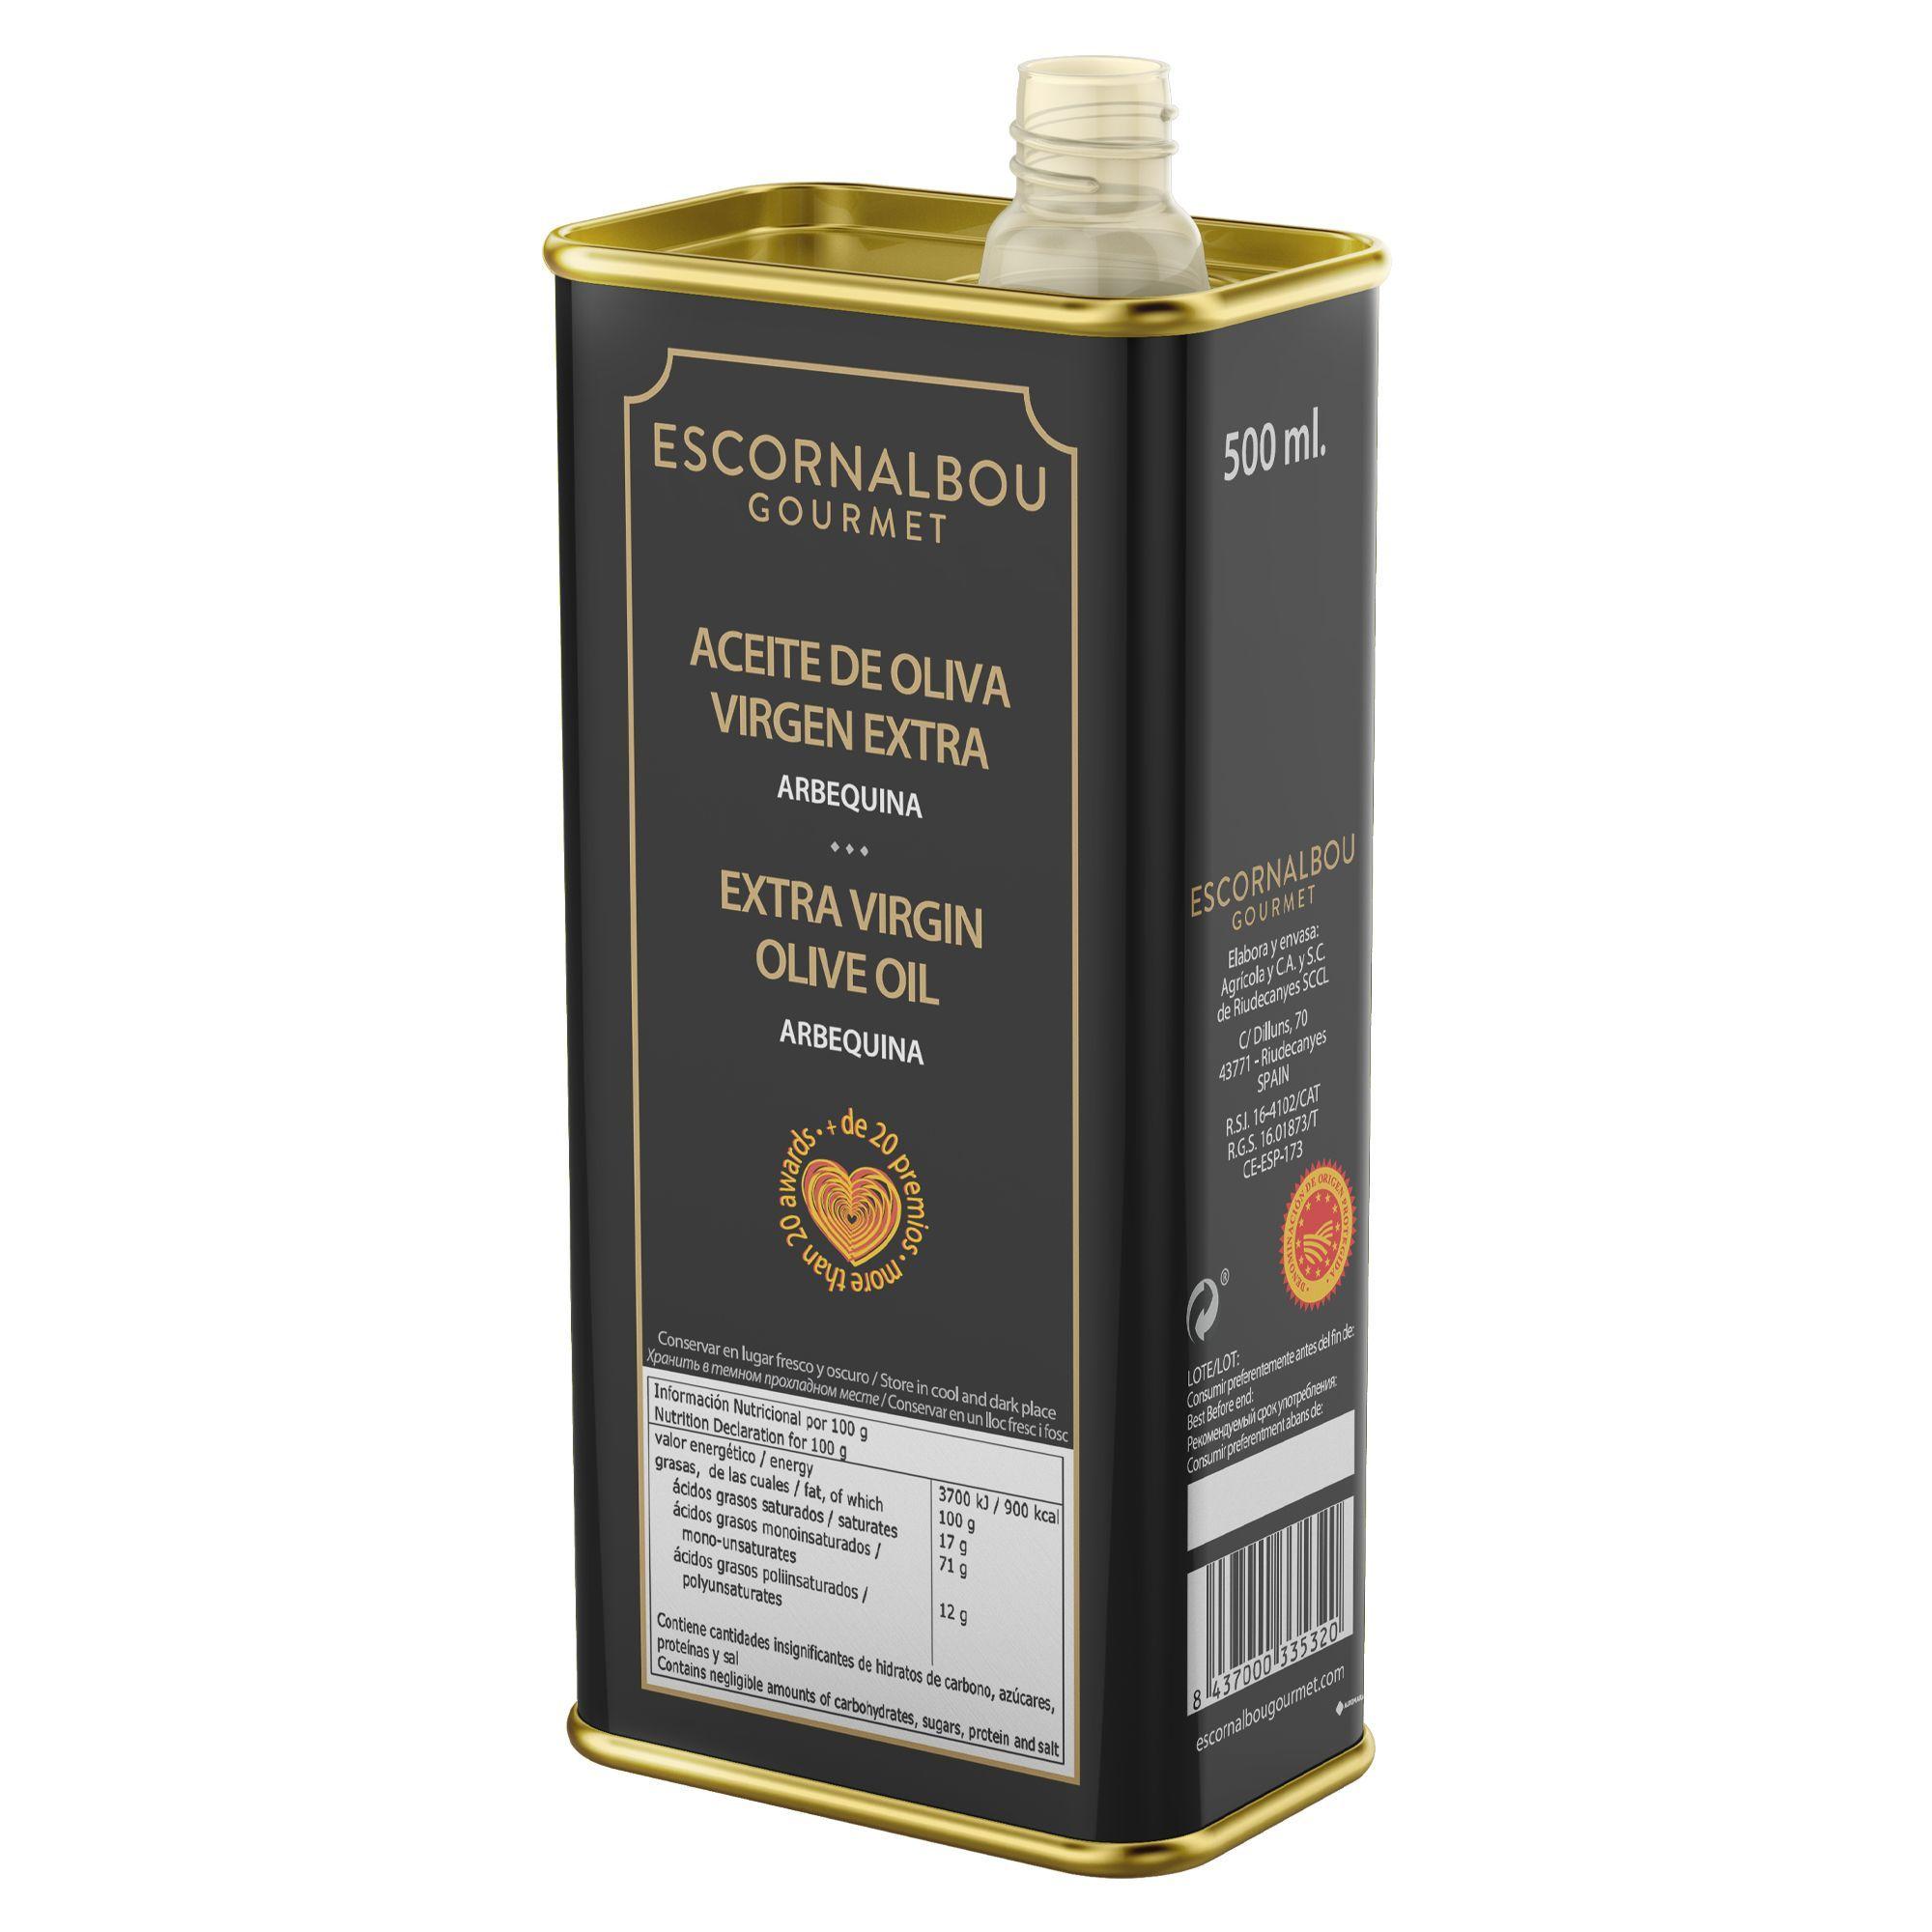 Detalle del dispensador de la lata INOX de acabado premium de 500 ml del Aceite De Oliva Virgen Extra 100% Arbequina – Escornalbou Gourmert. Producto cardiosaludable. Más de 20 premios.